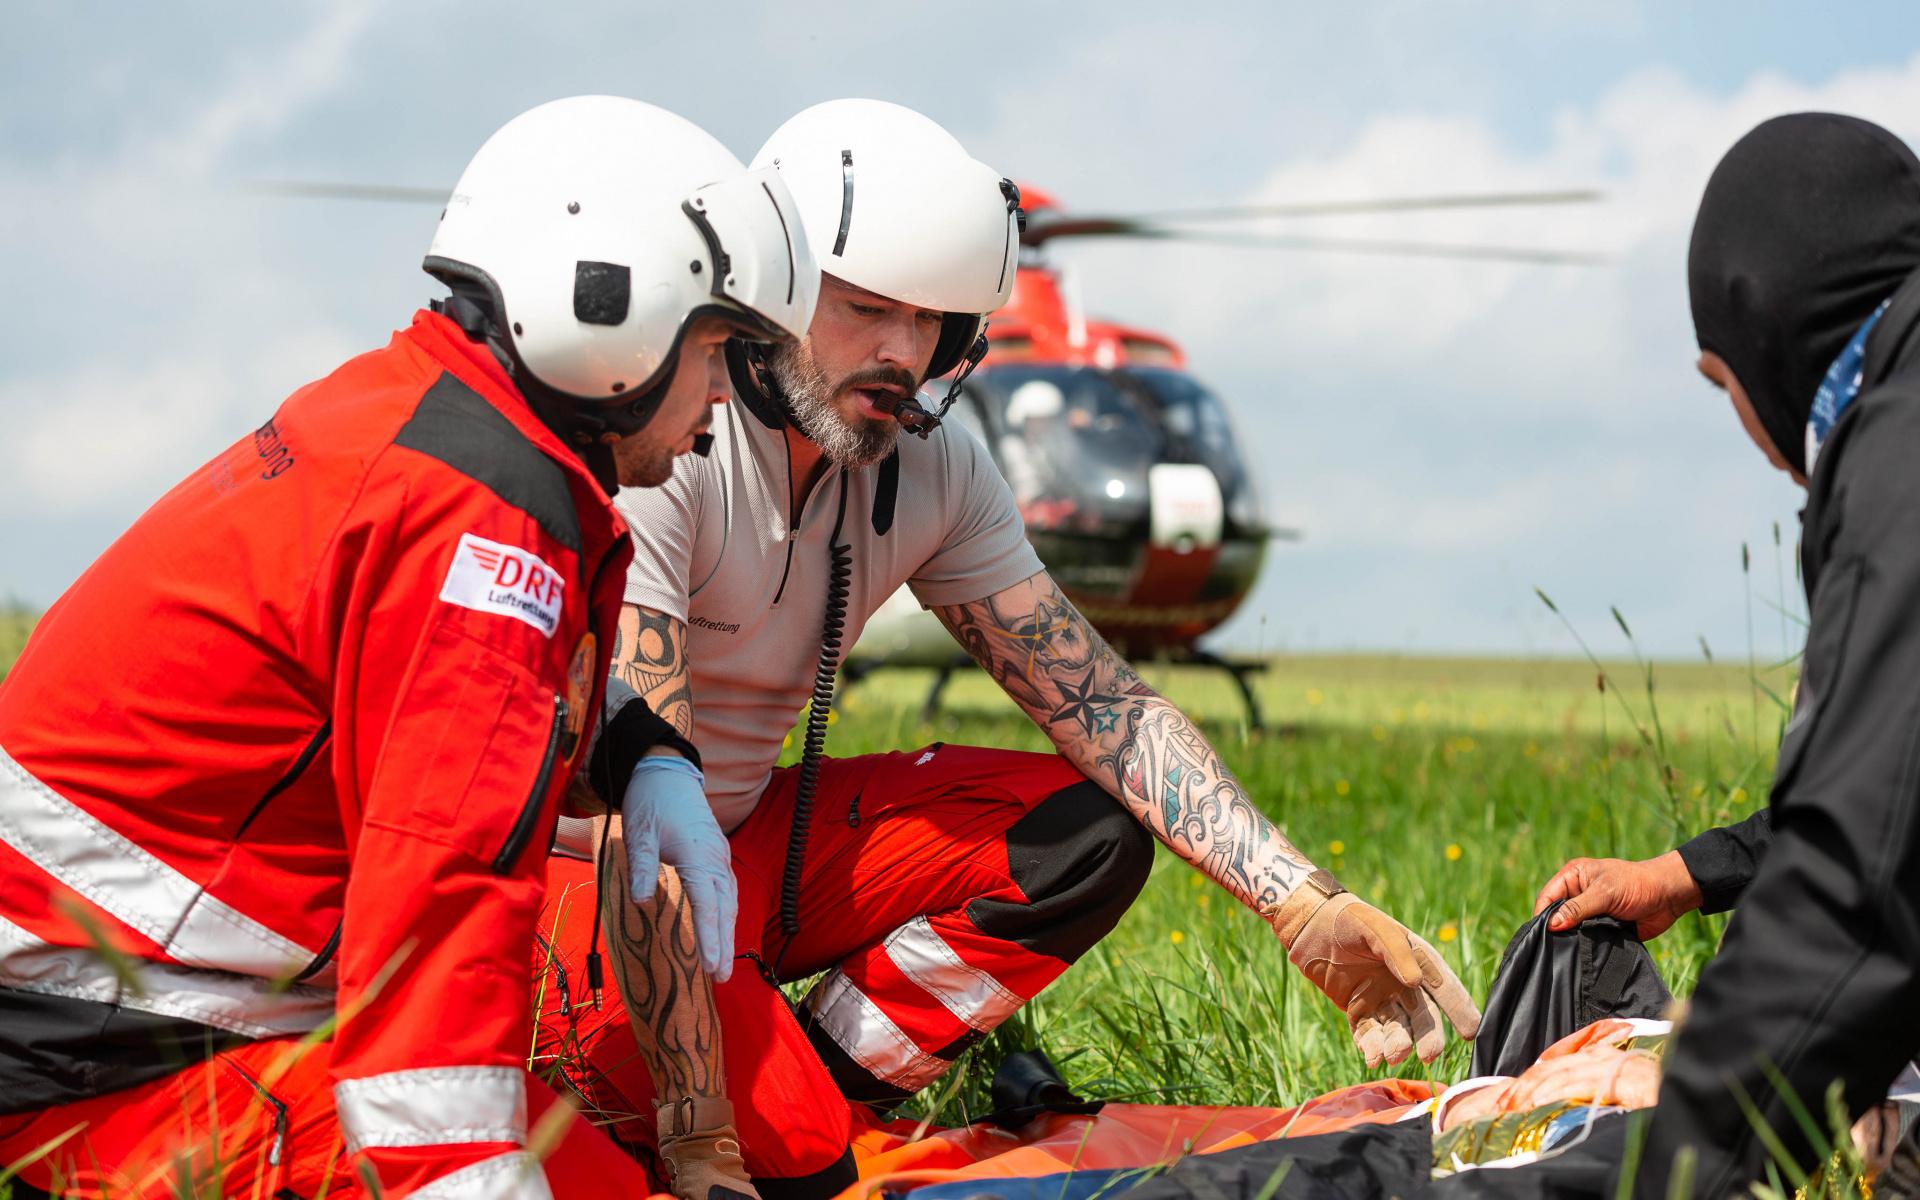 Die Forschungsergebnisse der Hochschule Fresenius sollen dazu beitragen, dass Einsatzkräfte psychische Widerstandsfähigkeit erlernen, sogenannte Resilienz. (Quelle: DRF Luftrettung)